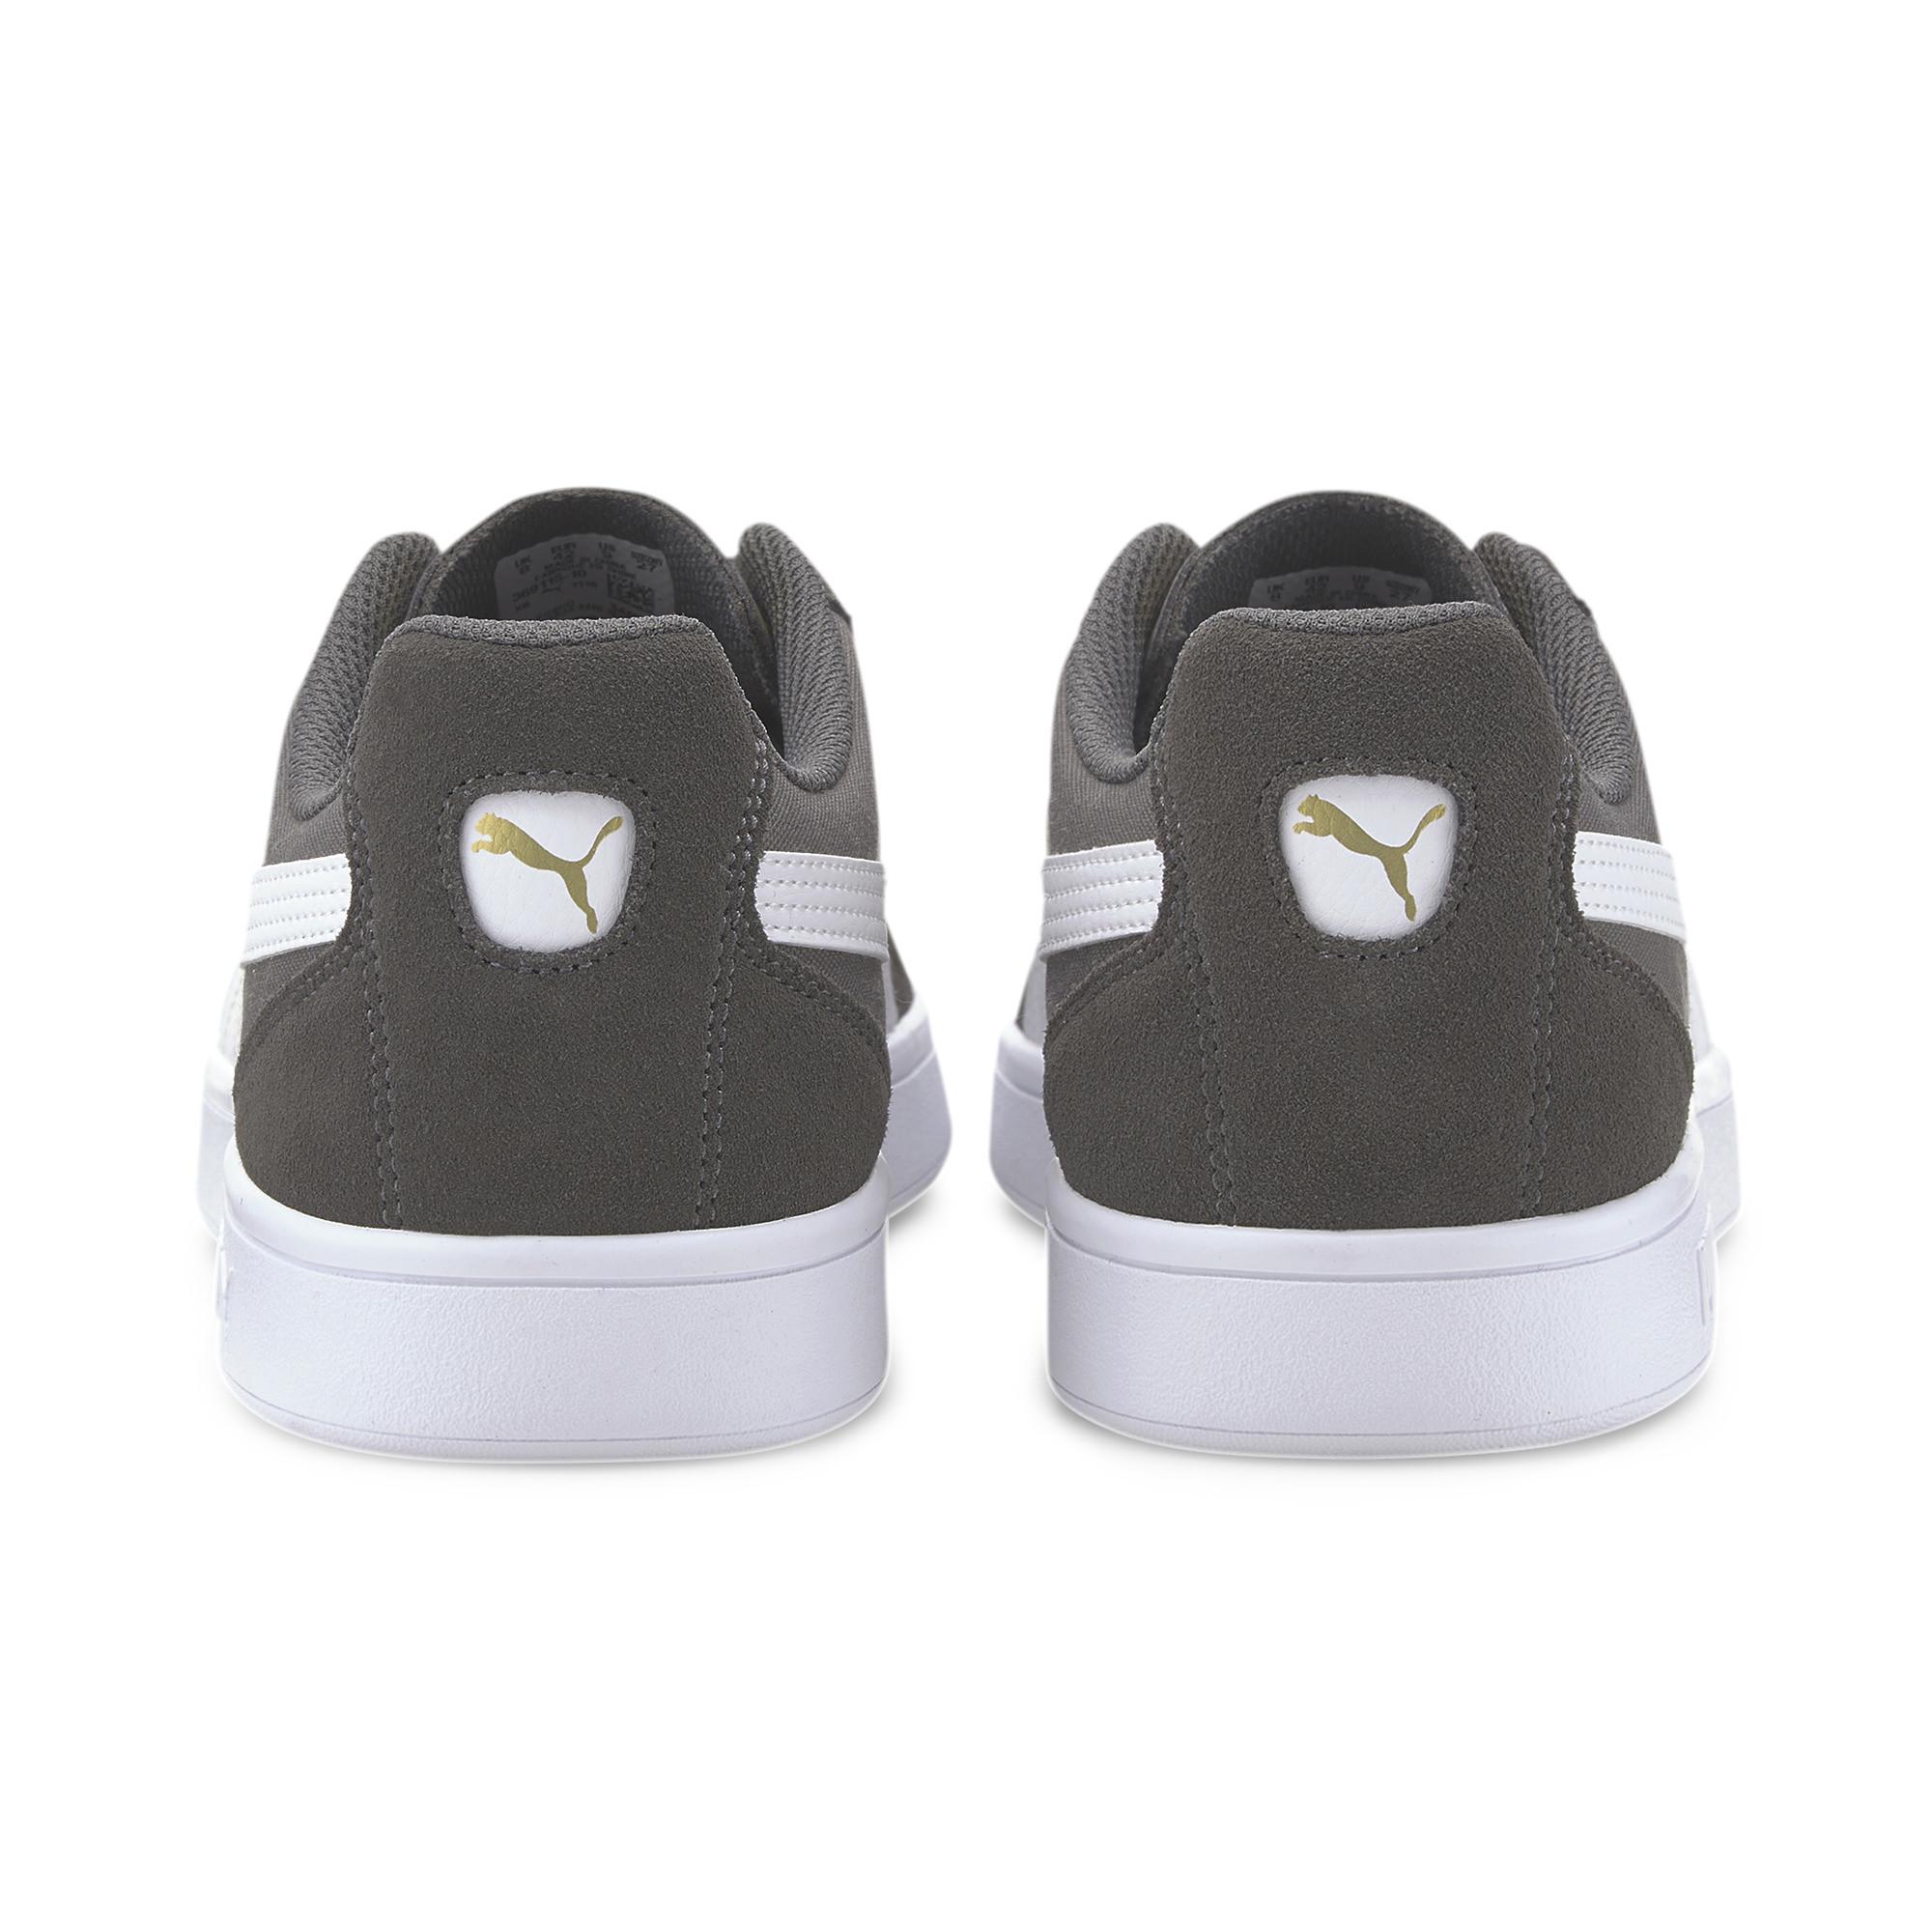 PUMA-Astro-Kick-Men-039-s-Sneakers-Men-Shoe-Basics thumbnail 11